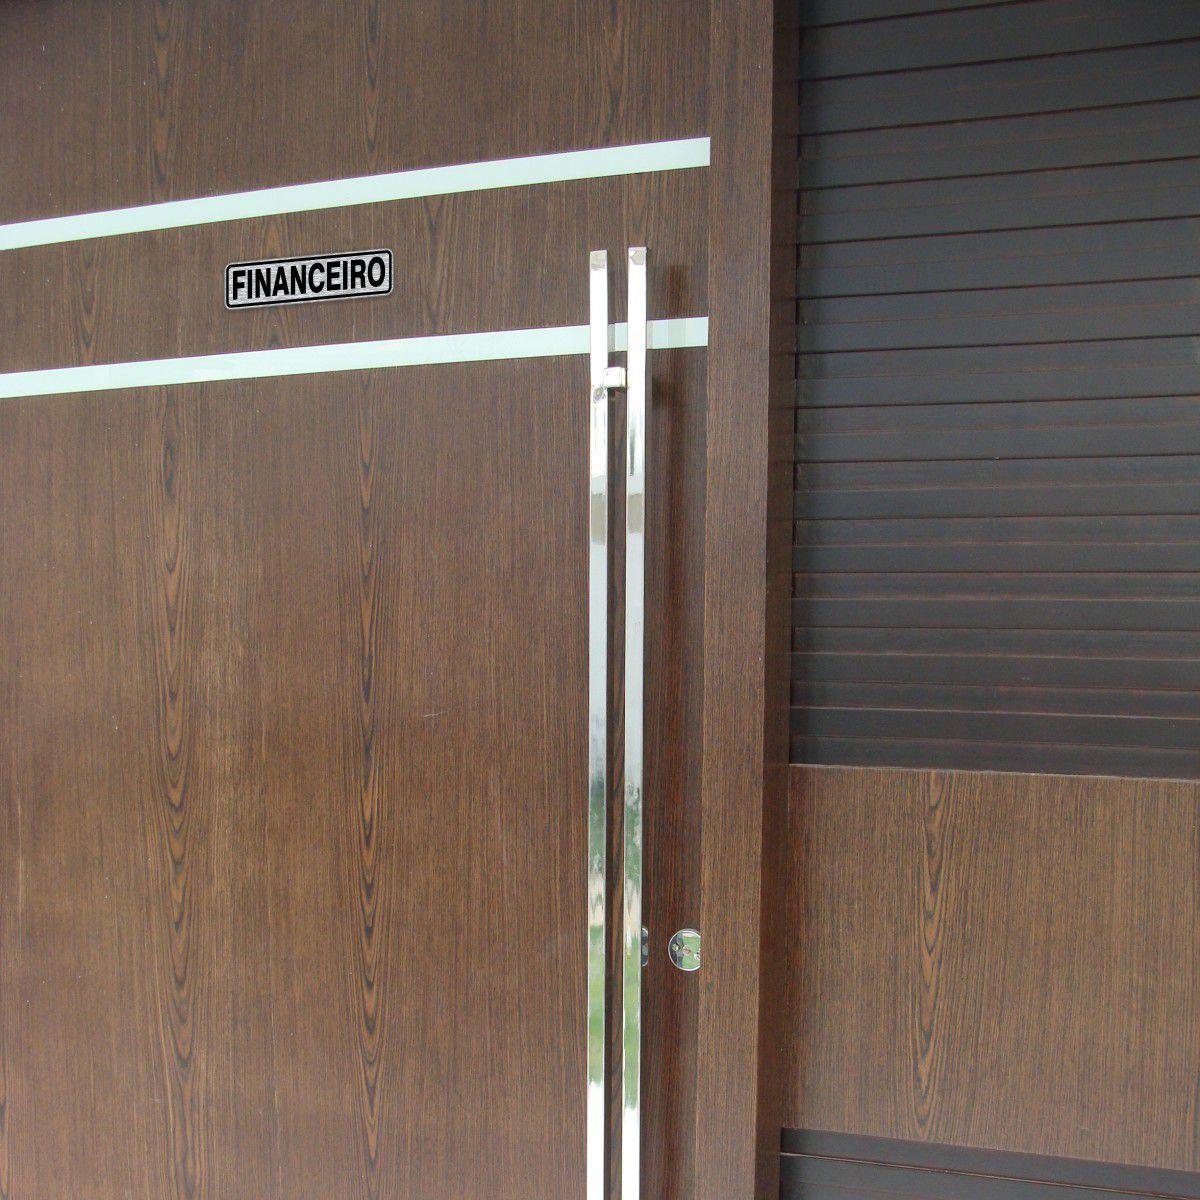 Adesivo para identificação de sala ou ambientes ou departamentos